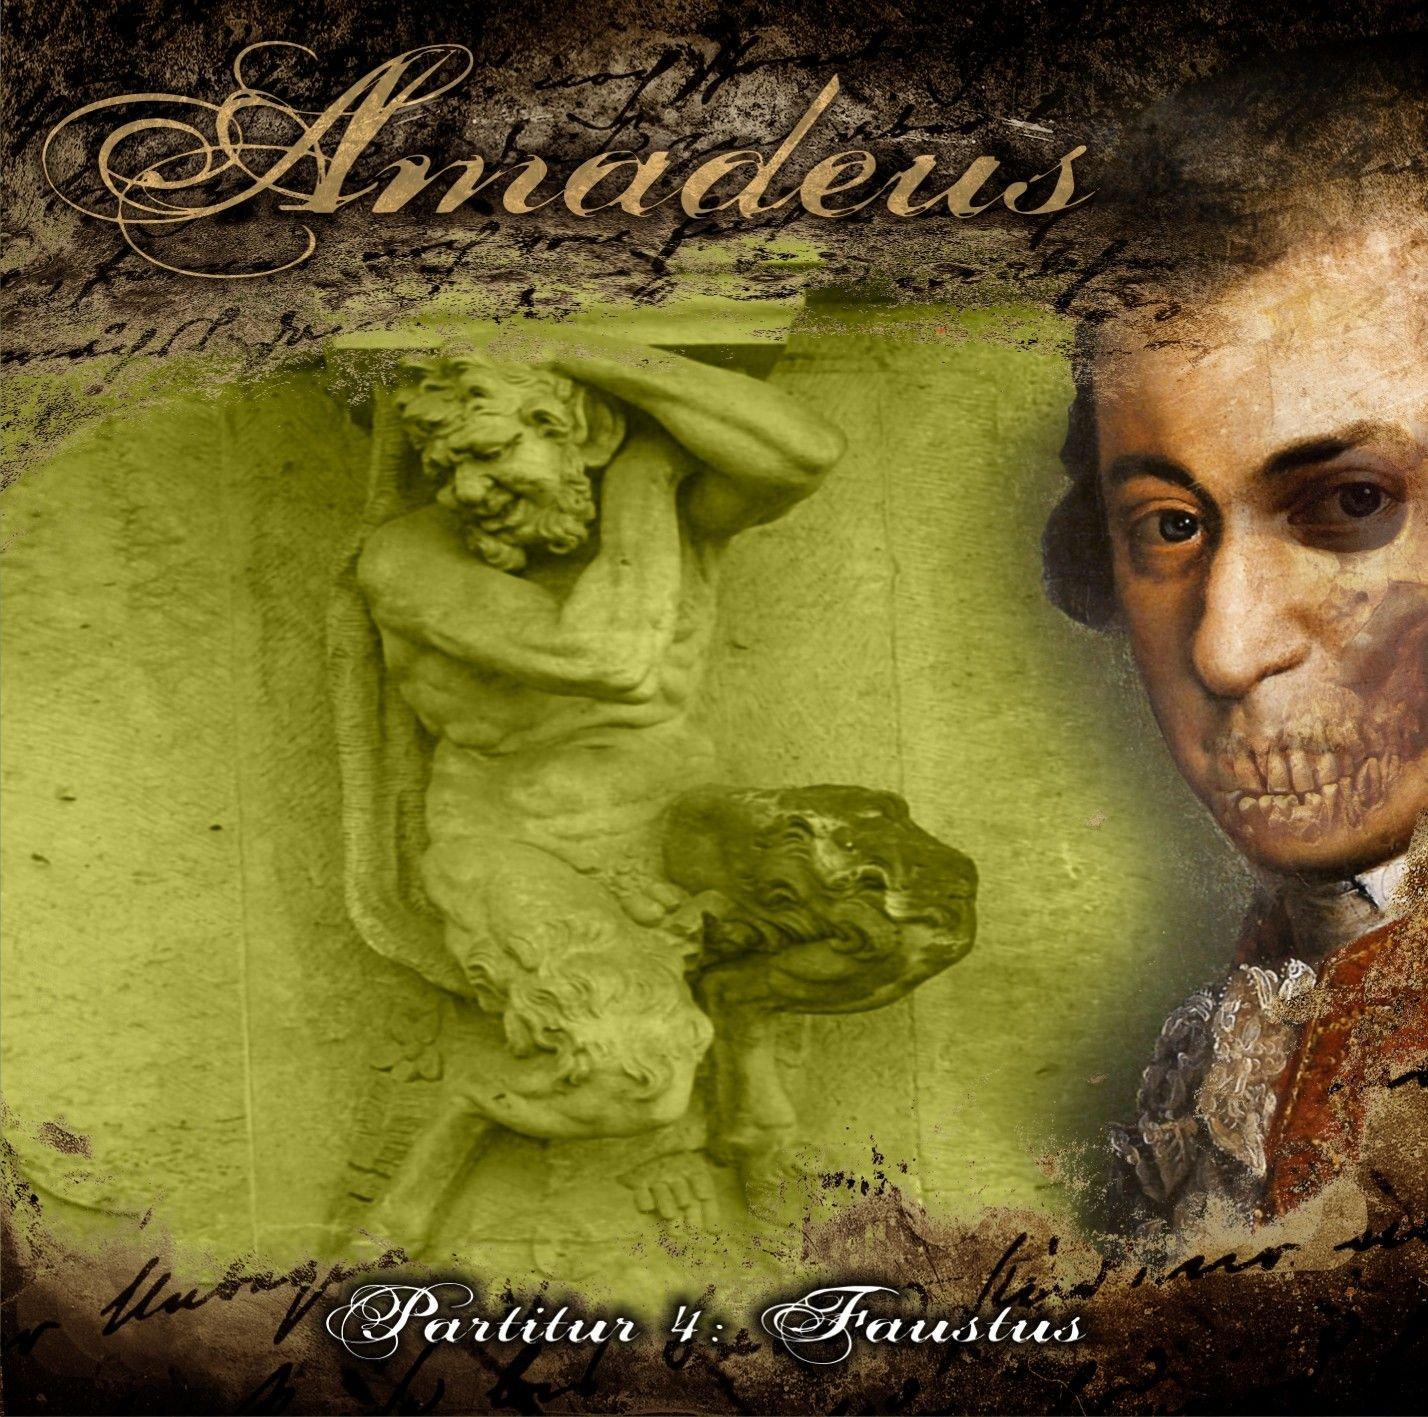 AMADEUS - Partitur 4 - Faustus (Hörplanet)